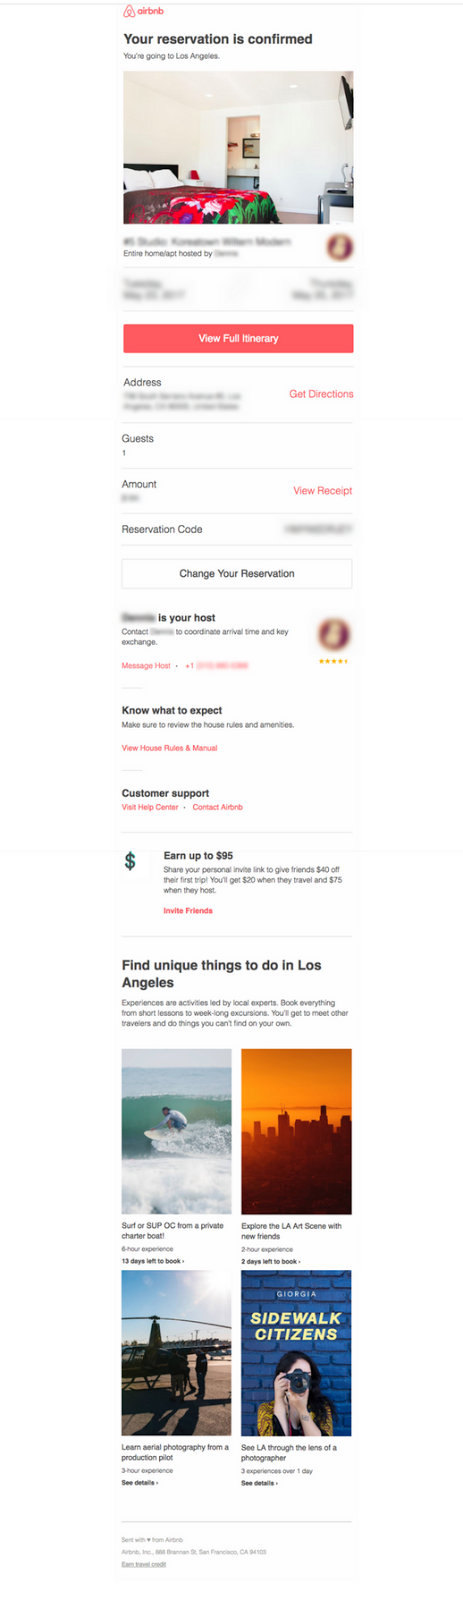 После бронирования на Airbnb пользователь получает письмо с подтверждением, в котором содержится вся необходимая информация.